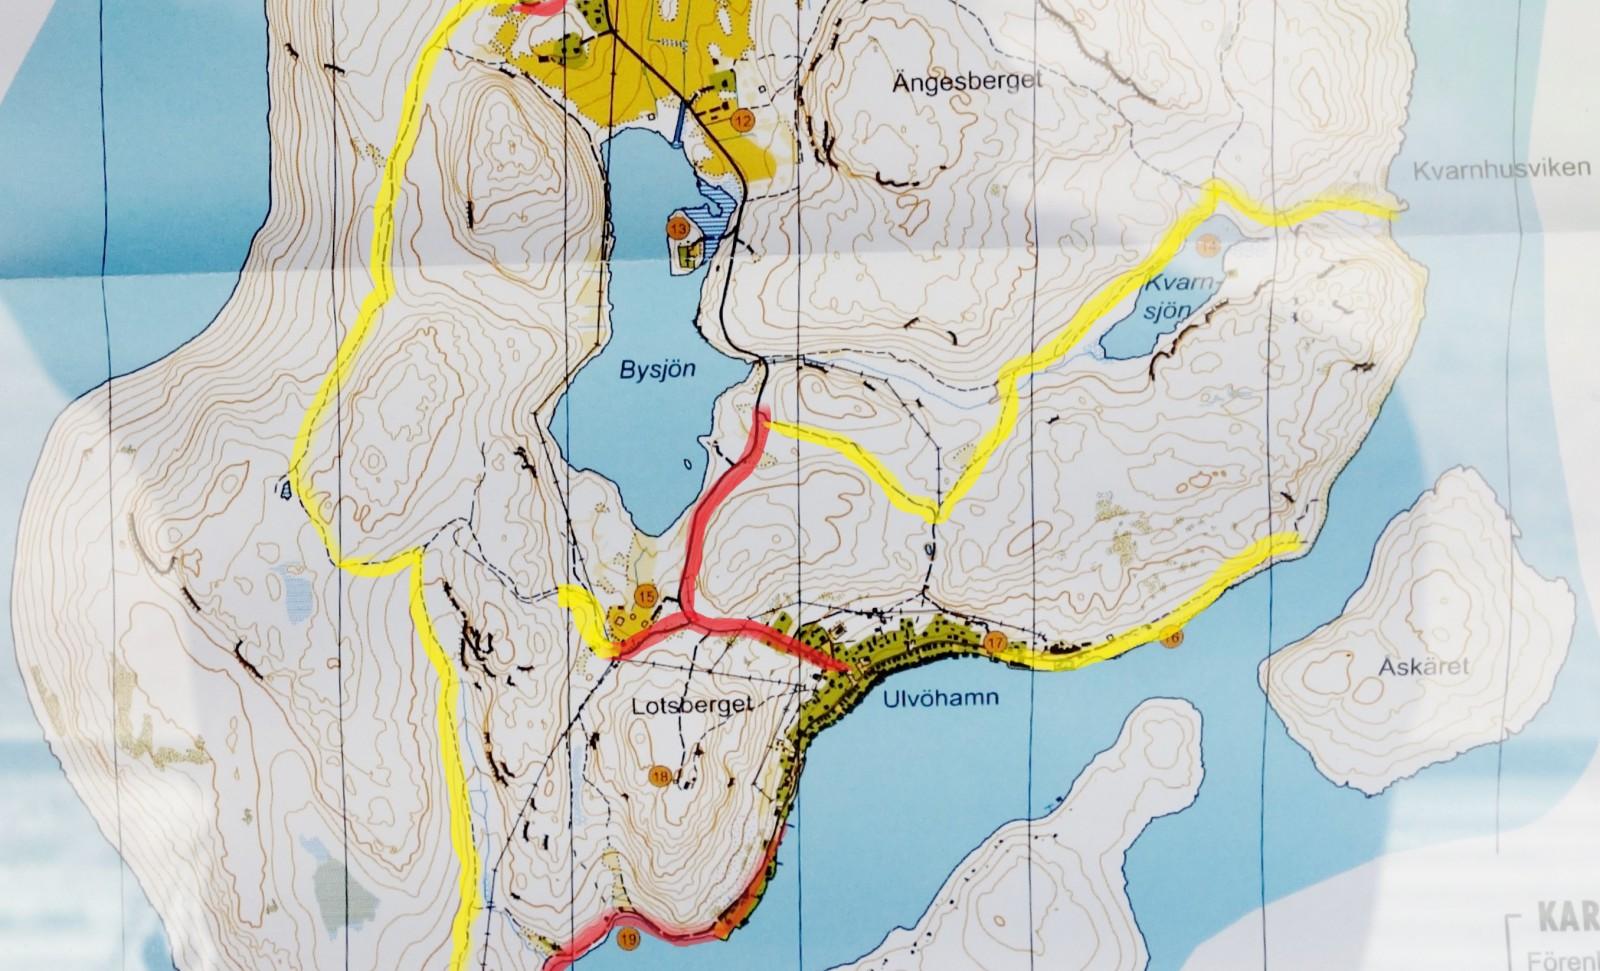 Ulvön karta-6